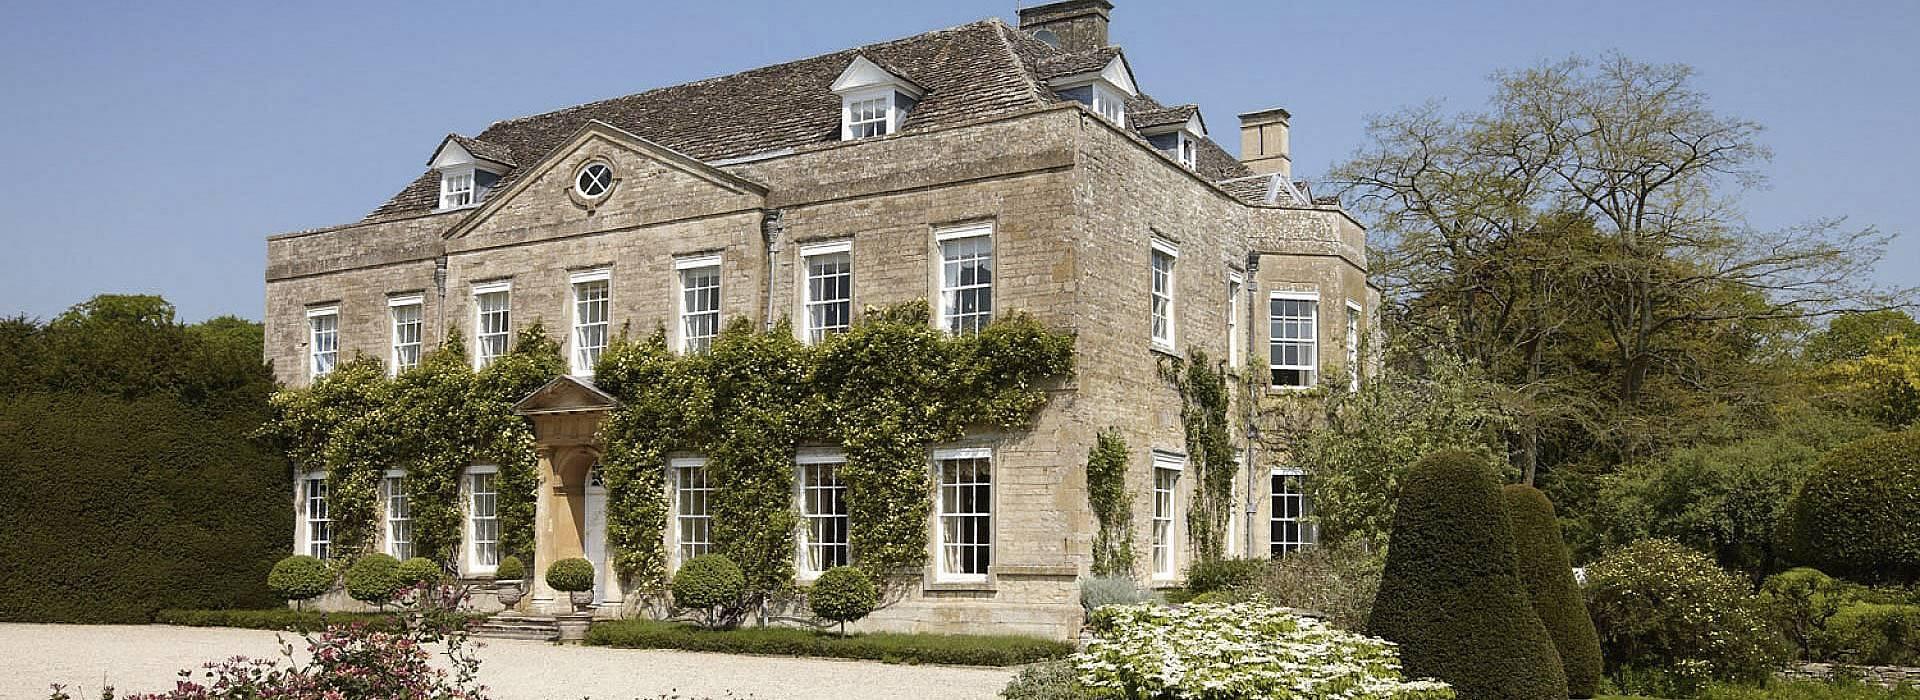 Cornwel manor weddings and events